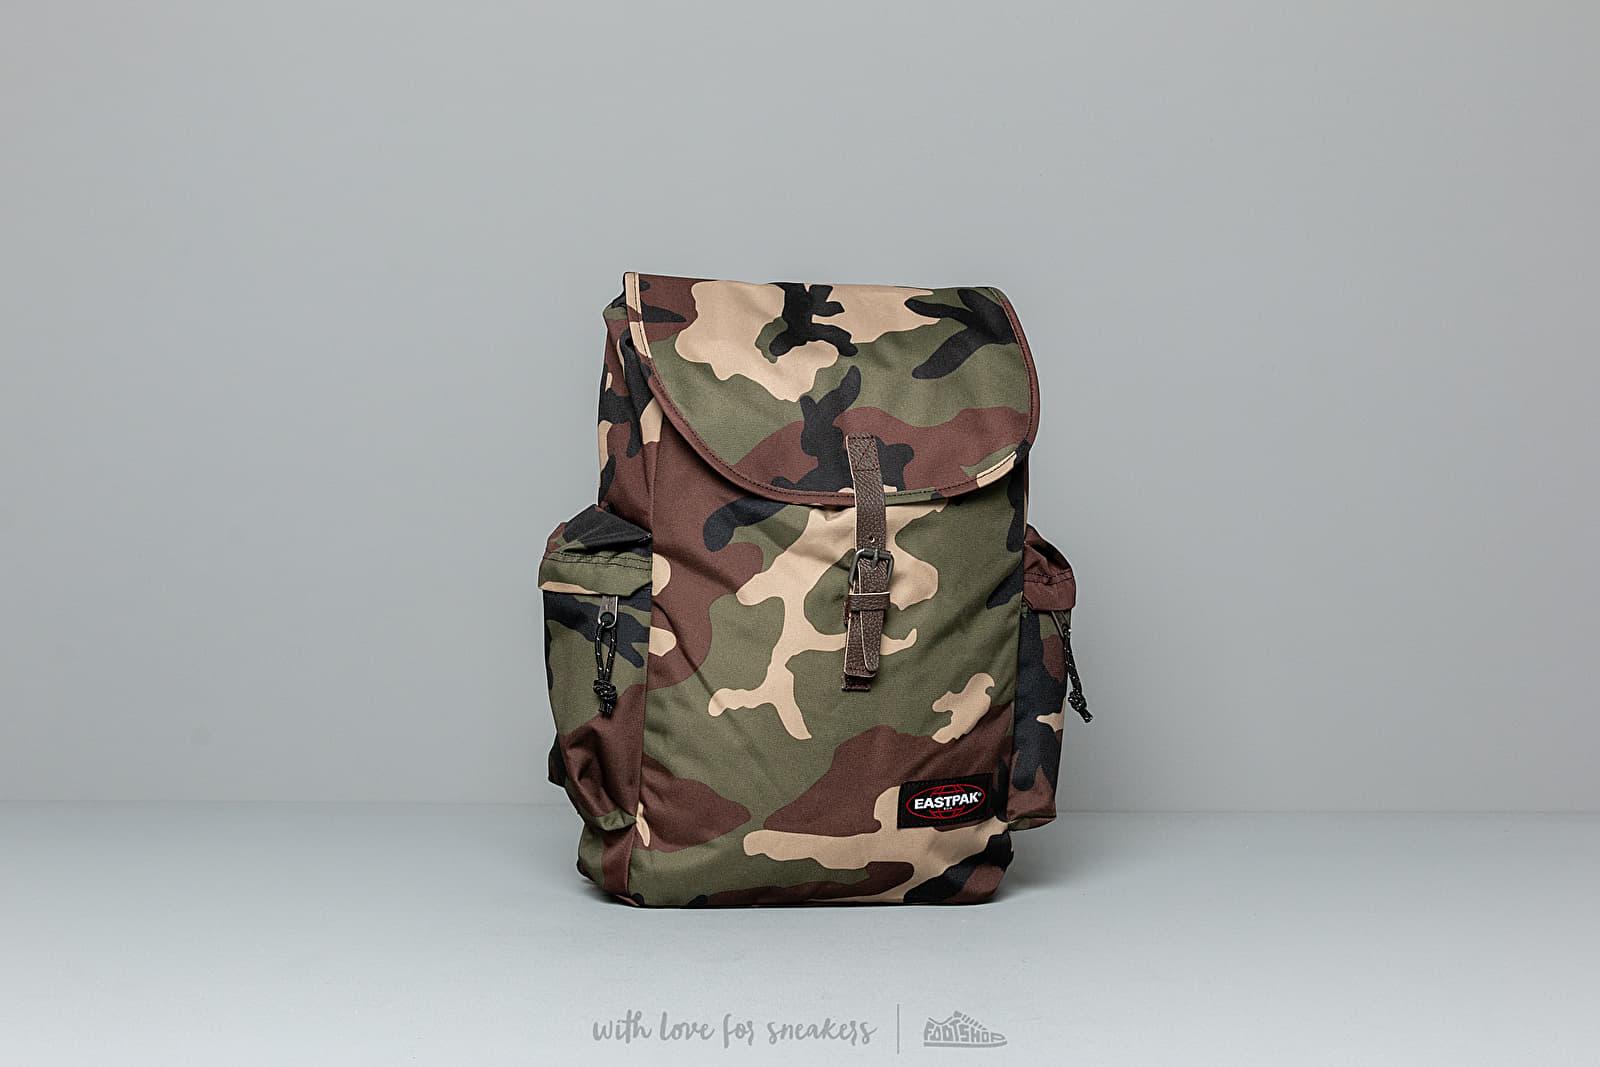 EASTPAK Austin Backpack Camo za skvelú cenu 47 € kúpite na Footshop.sk